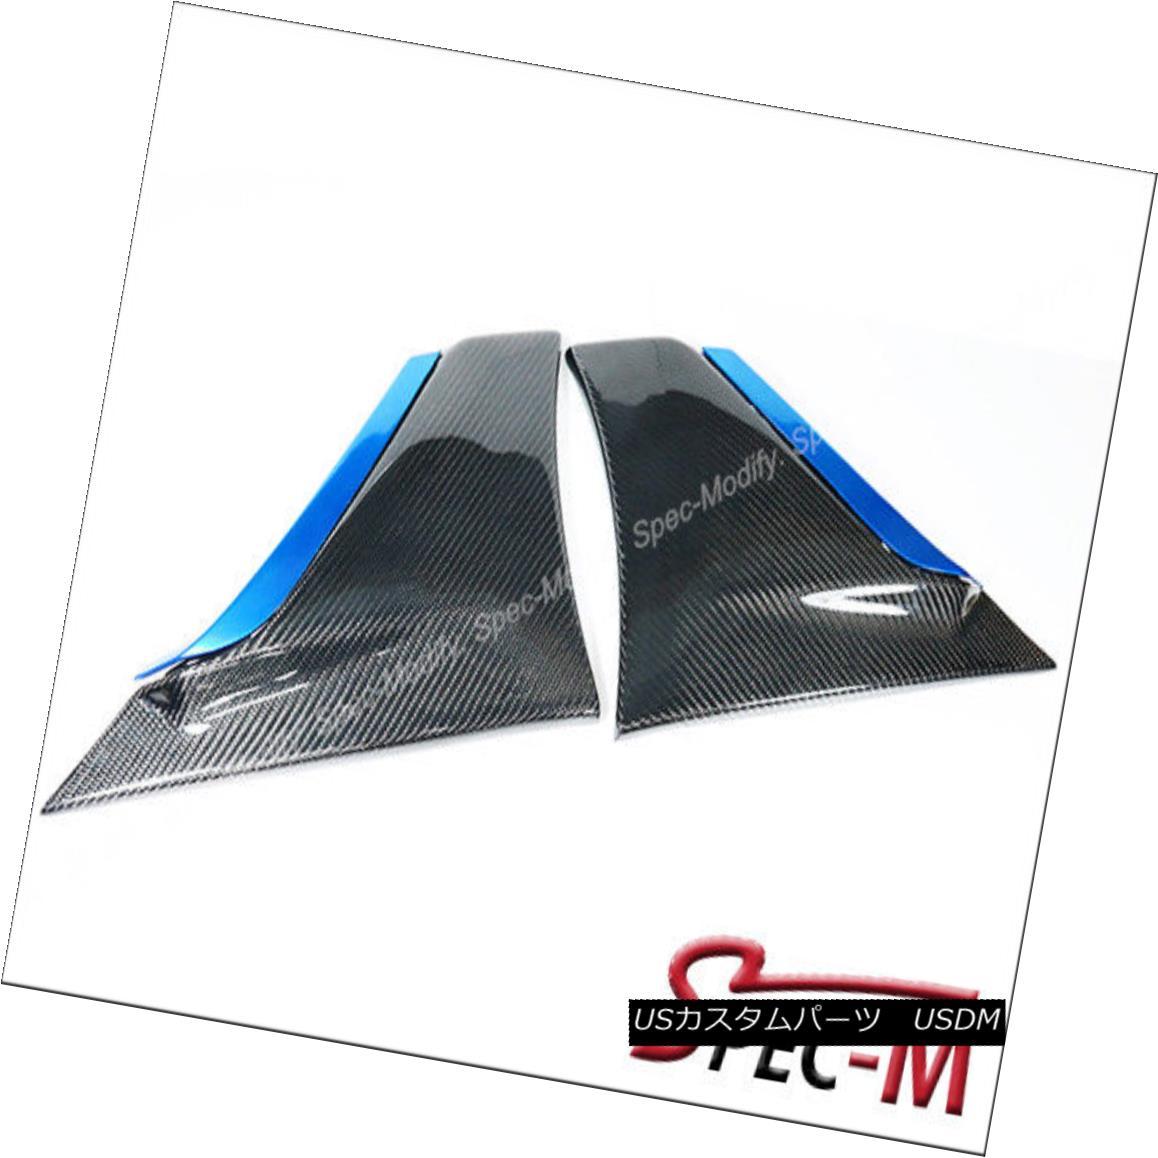 売れ筋 車用品 バイク用品 >> パーツ 外装 エアロパーツ その他 JPM 国産品 Carbon Fiber Z06 C7コルベットスティングレー用に機能しない下部ブレーキスクープ Stingray Non for Functional Brake Corvette JPMカーボンファイバーZ06 Scoop Lower C7